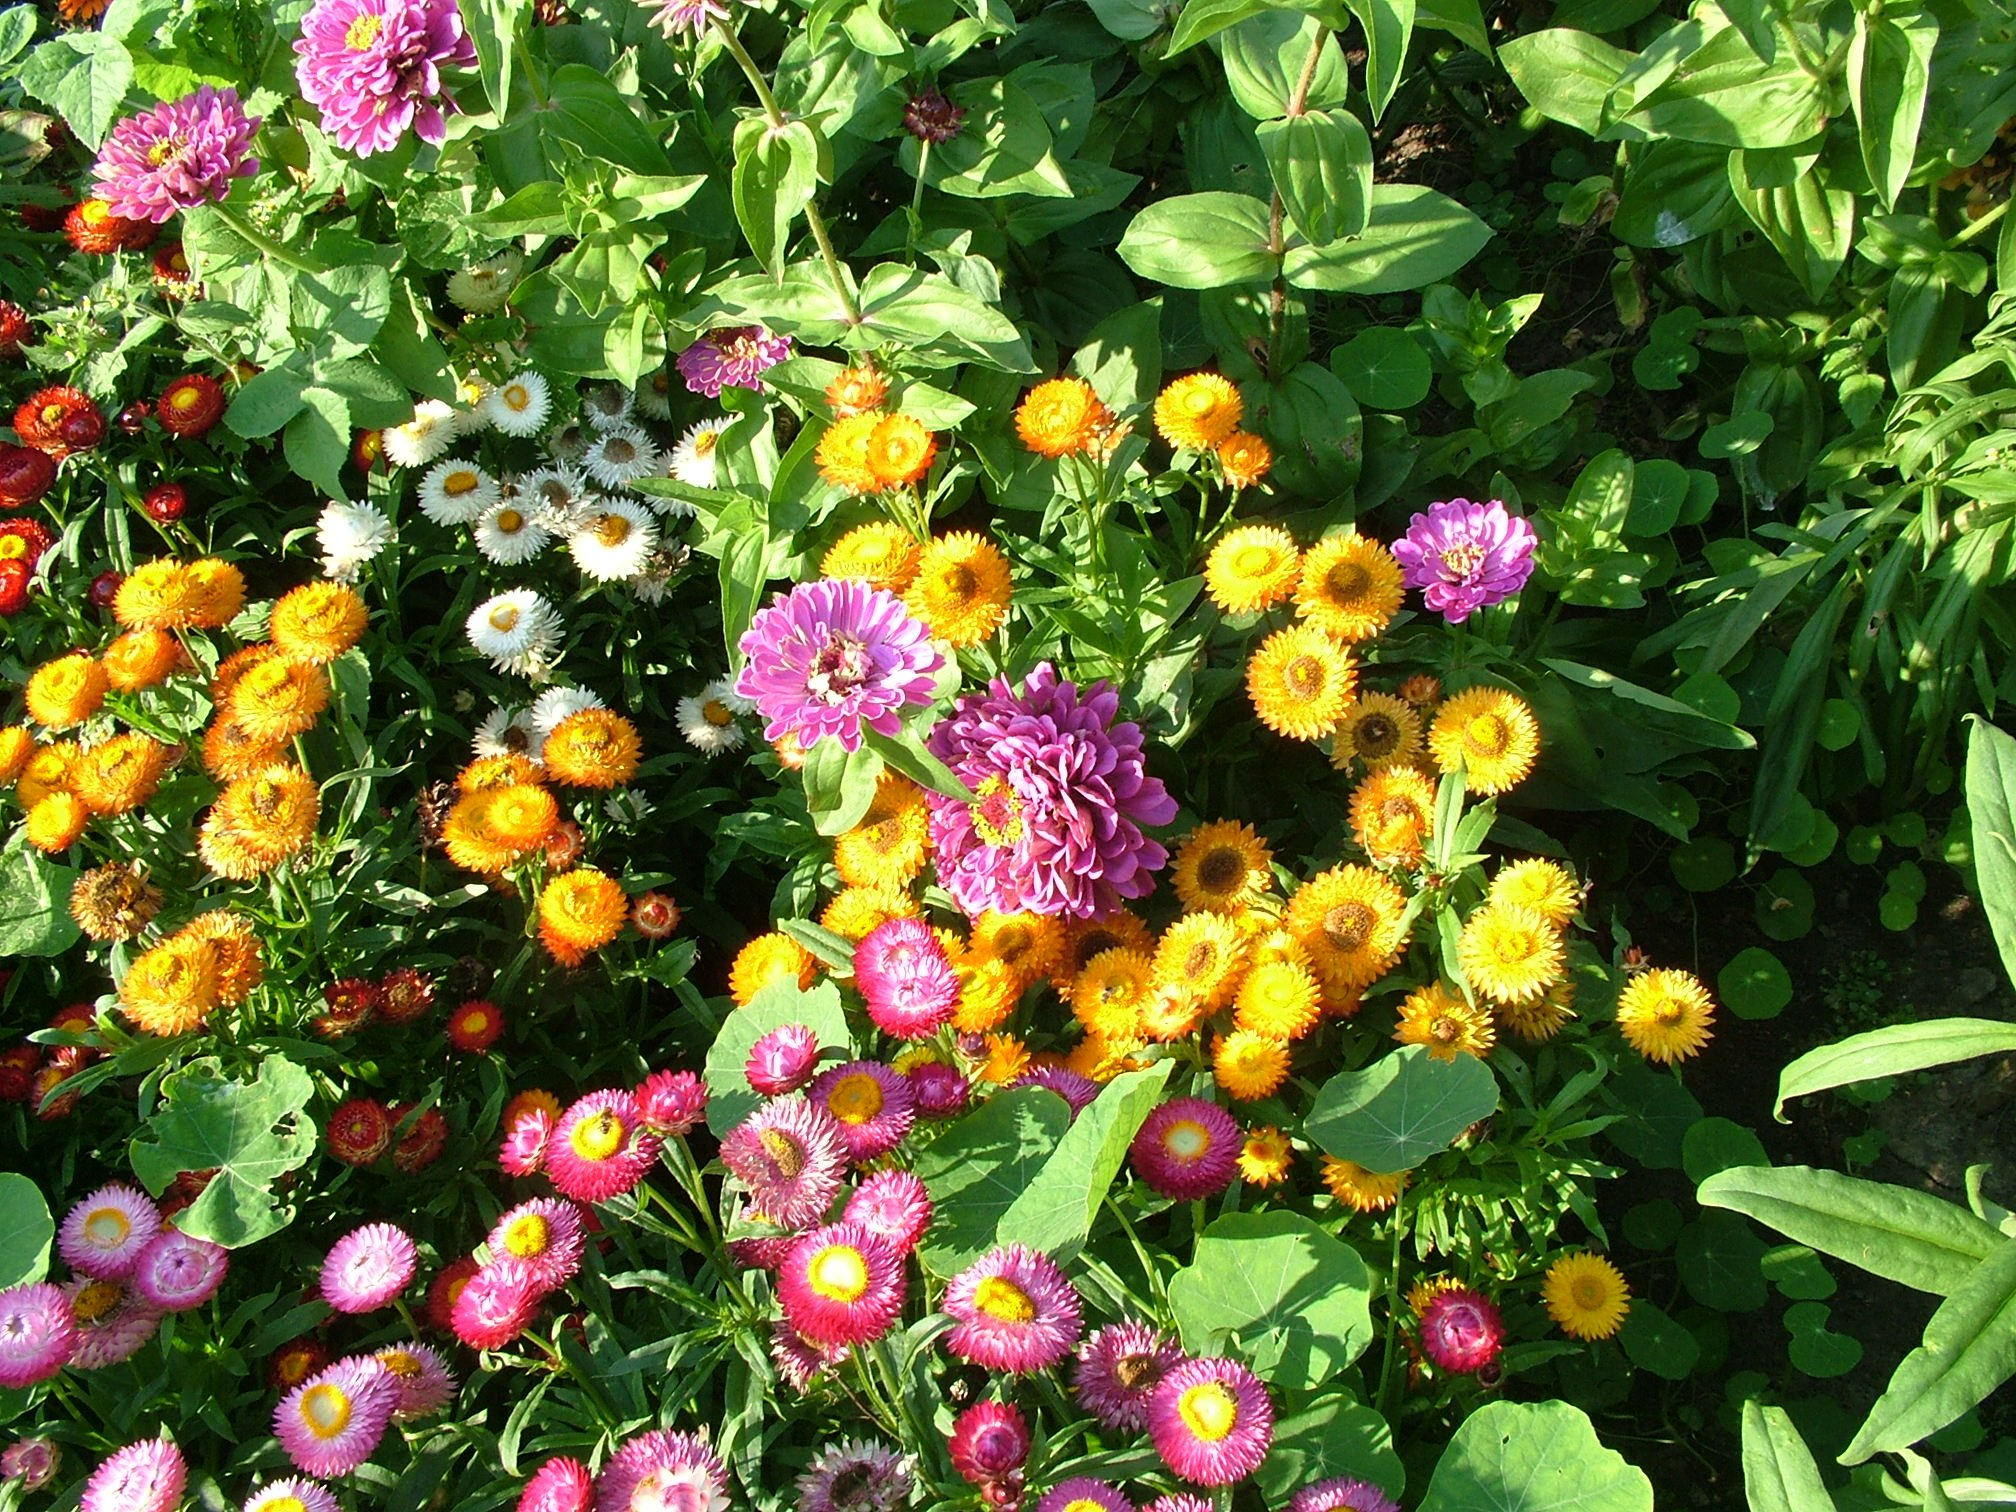 Backgrounds Wallpapers Flowers Desktop Backgrounds Wallpapers Flowers 2016x1512